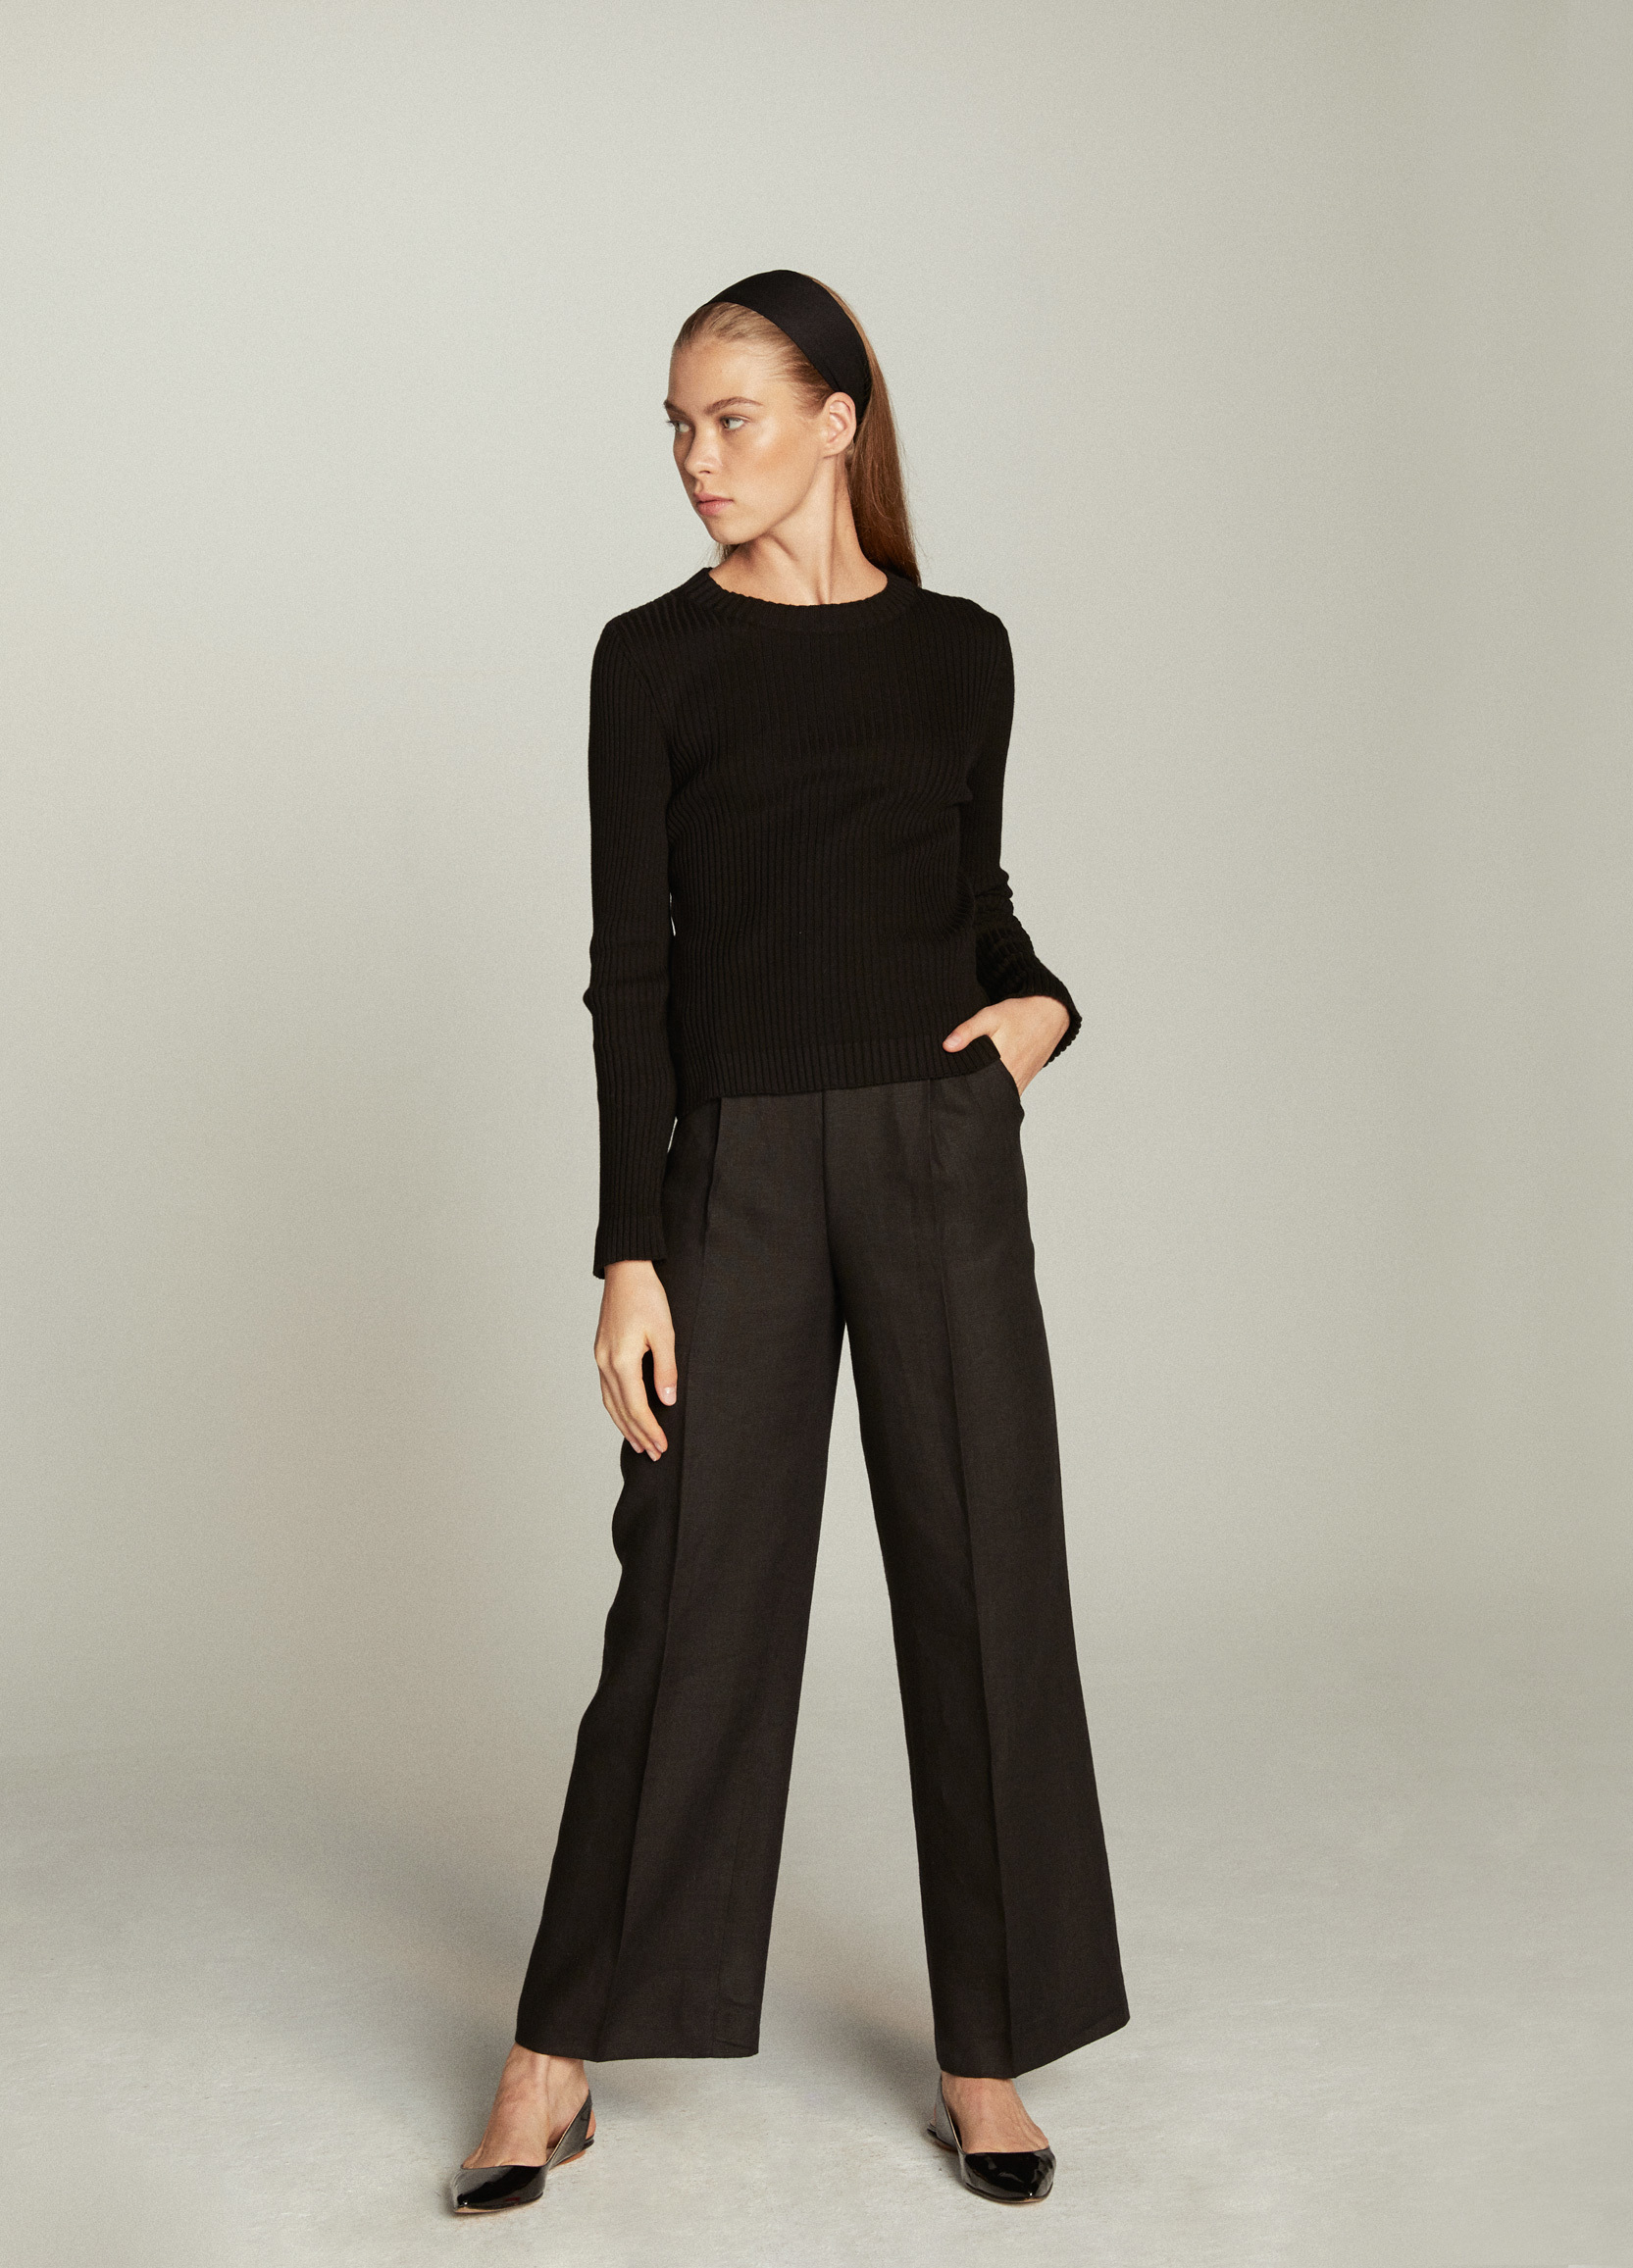 Pantalón negro de Kolonaki Madrid.